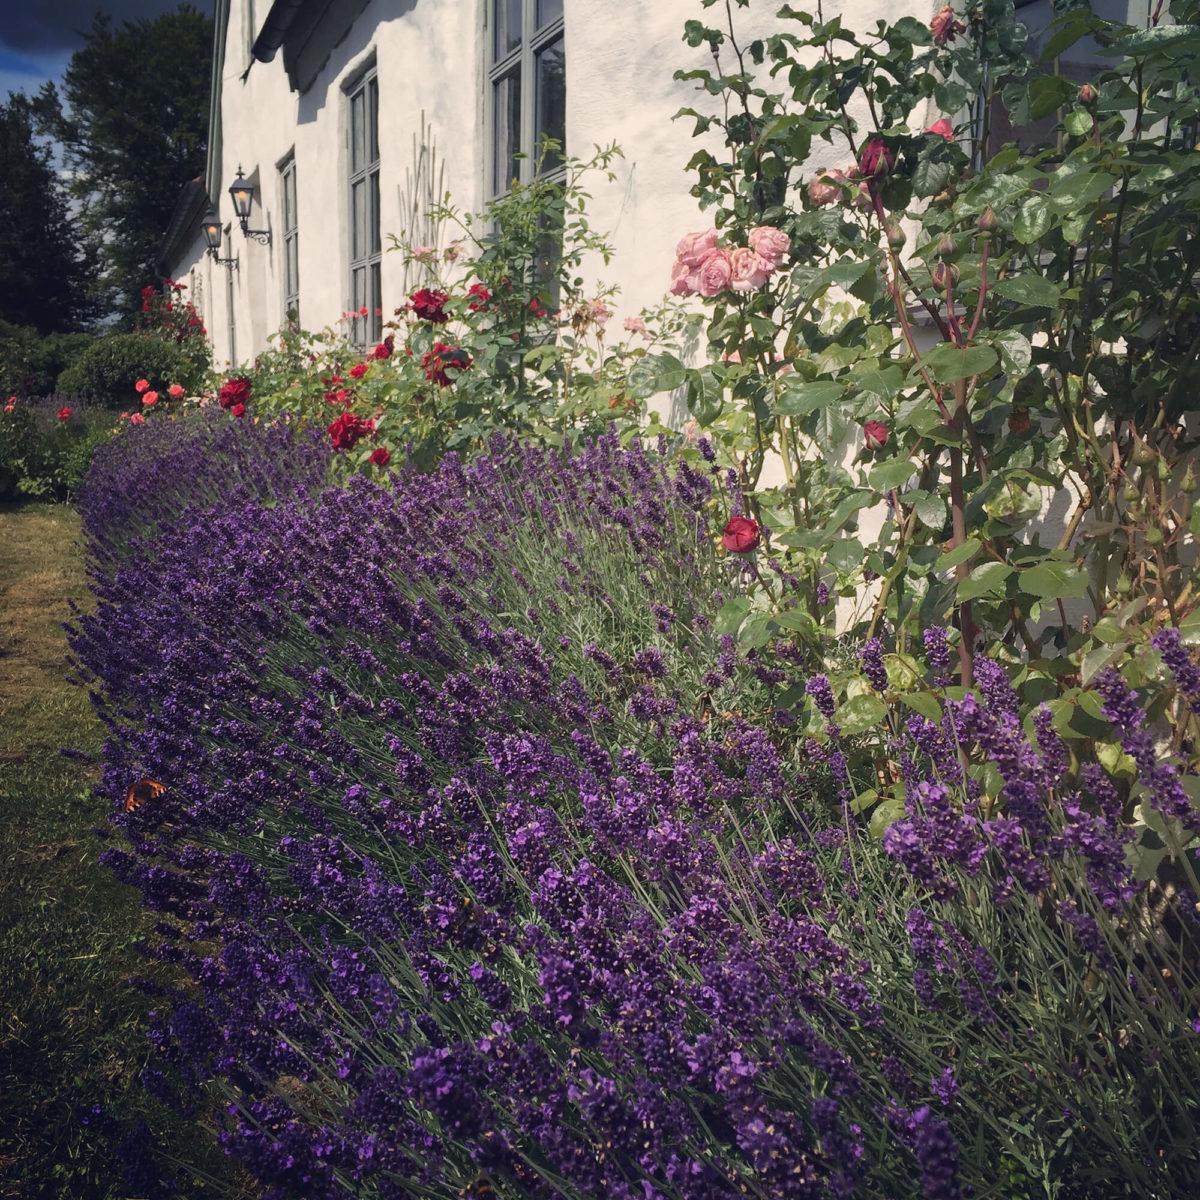 Blomsterrabatten vid ett av husen vid Grevlunda gård